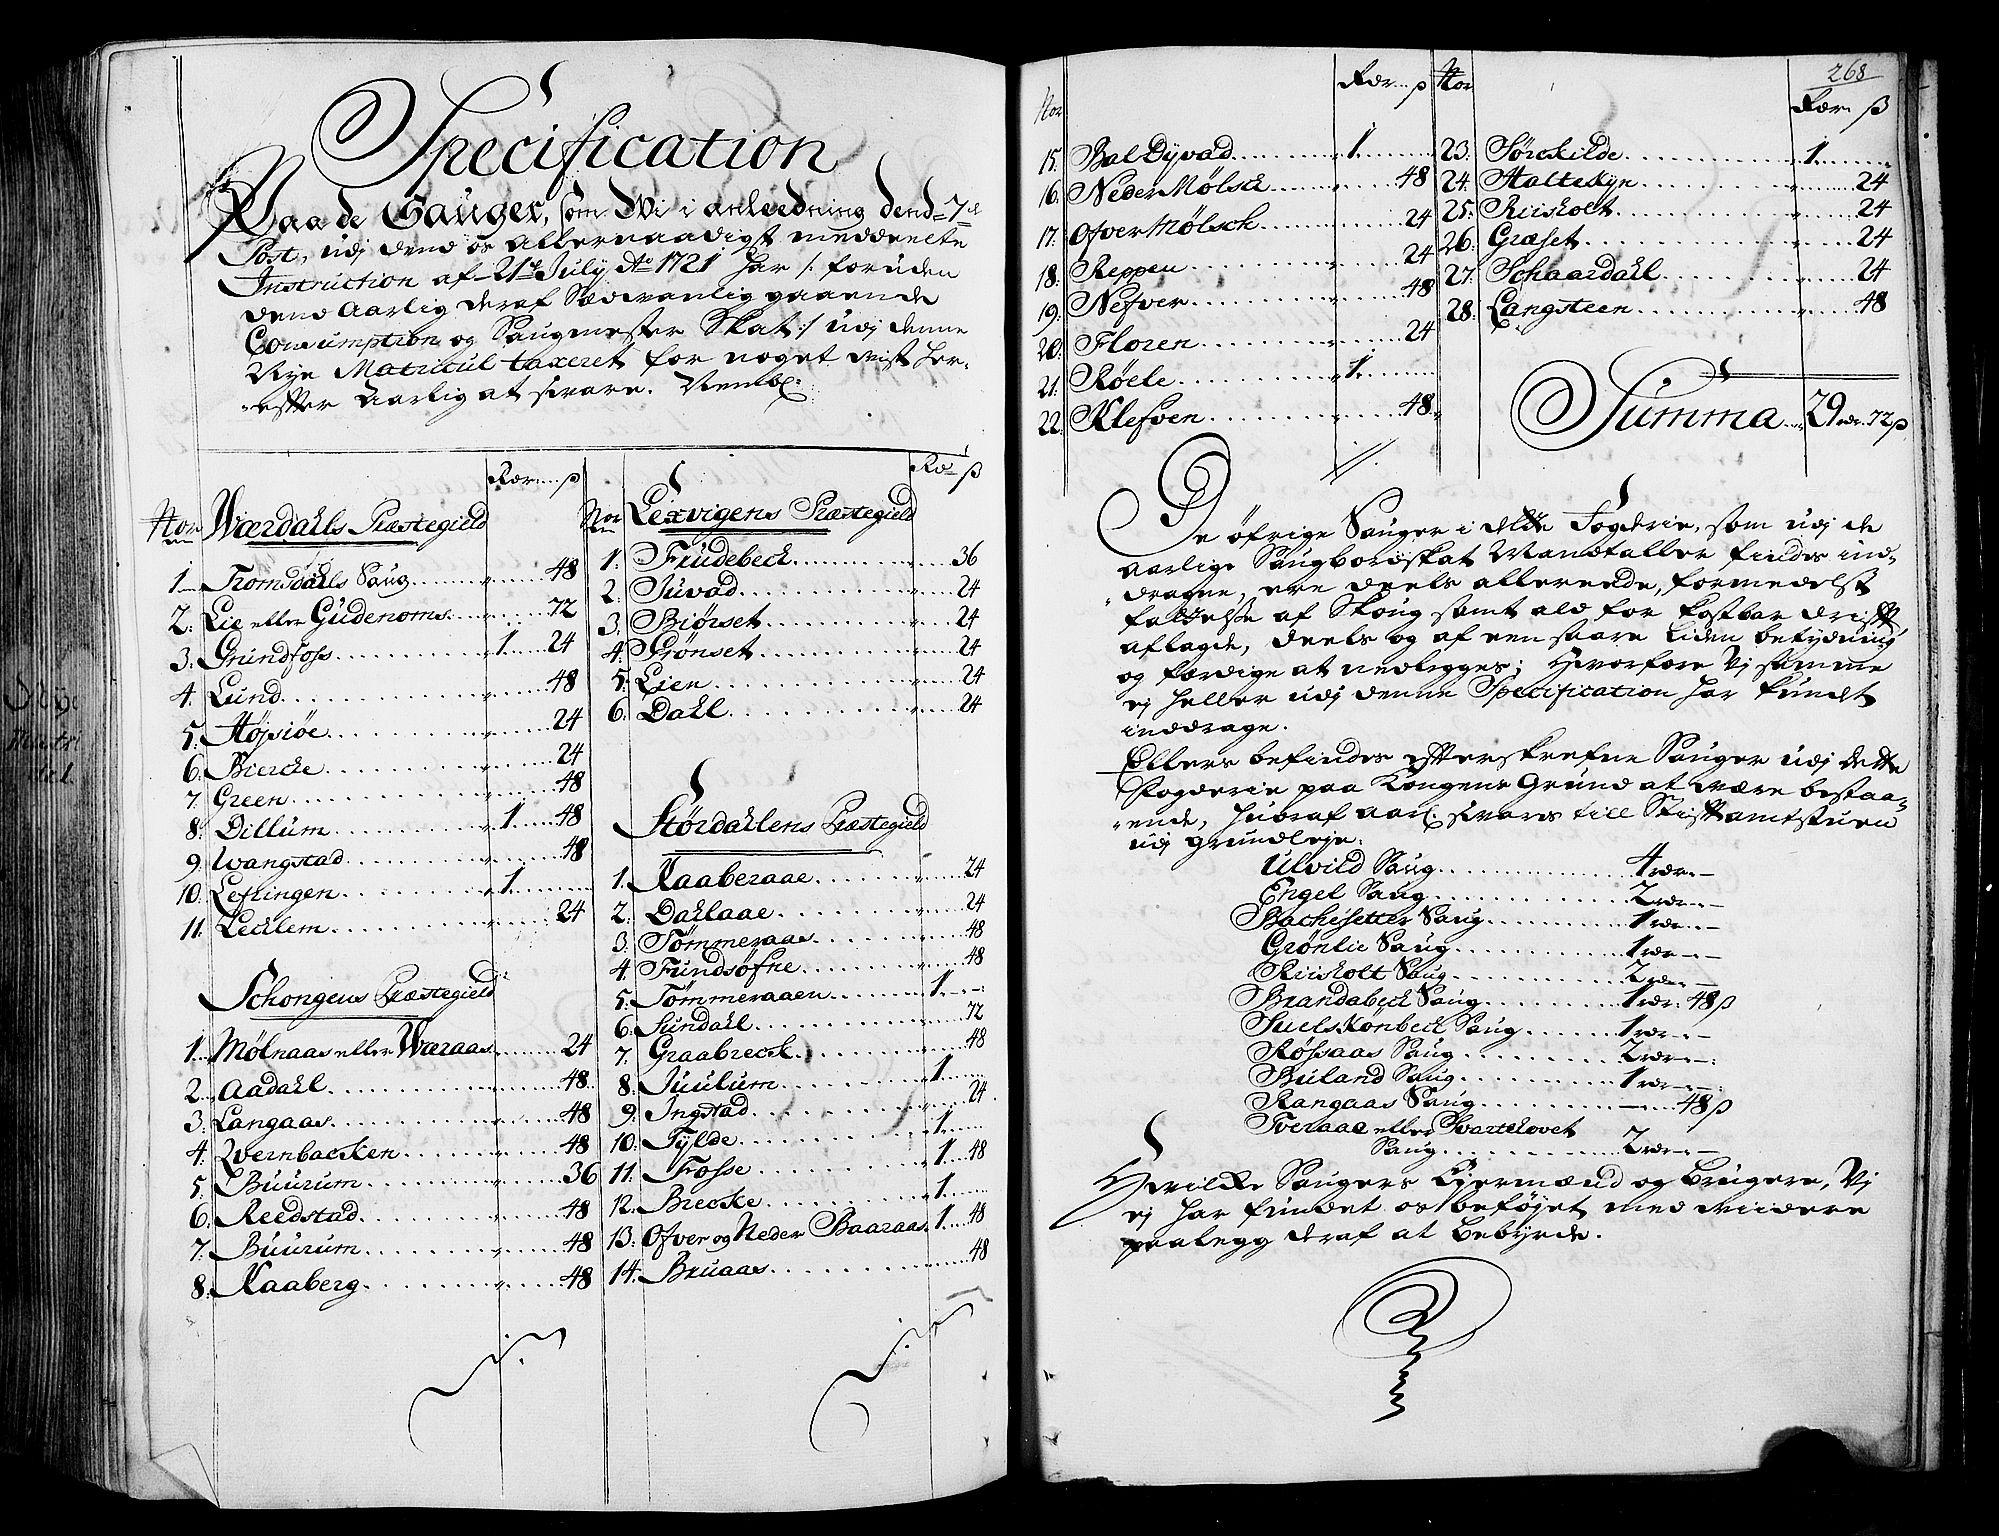 RA, Rentekammeret inntil 1814, Realistisk ordnet avdeling, N/Nb/Nbf/L0165: Stjørdal og Verdal matrikkelprotokoll, 1723, s. 267b-268a